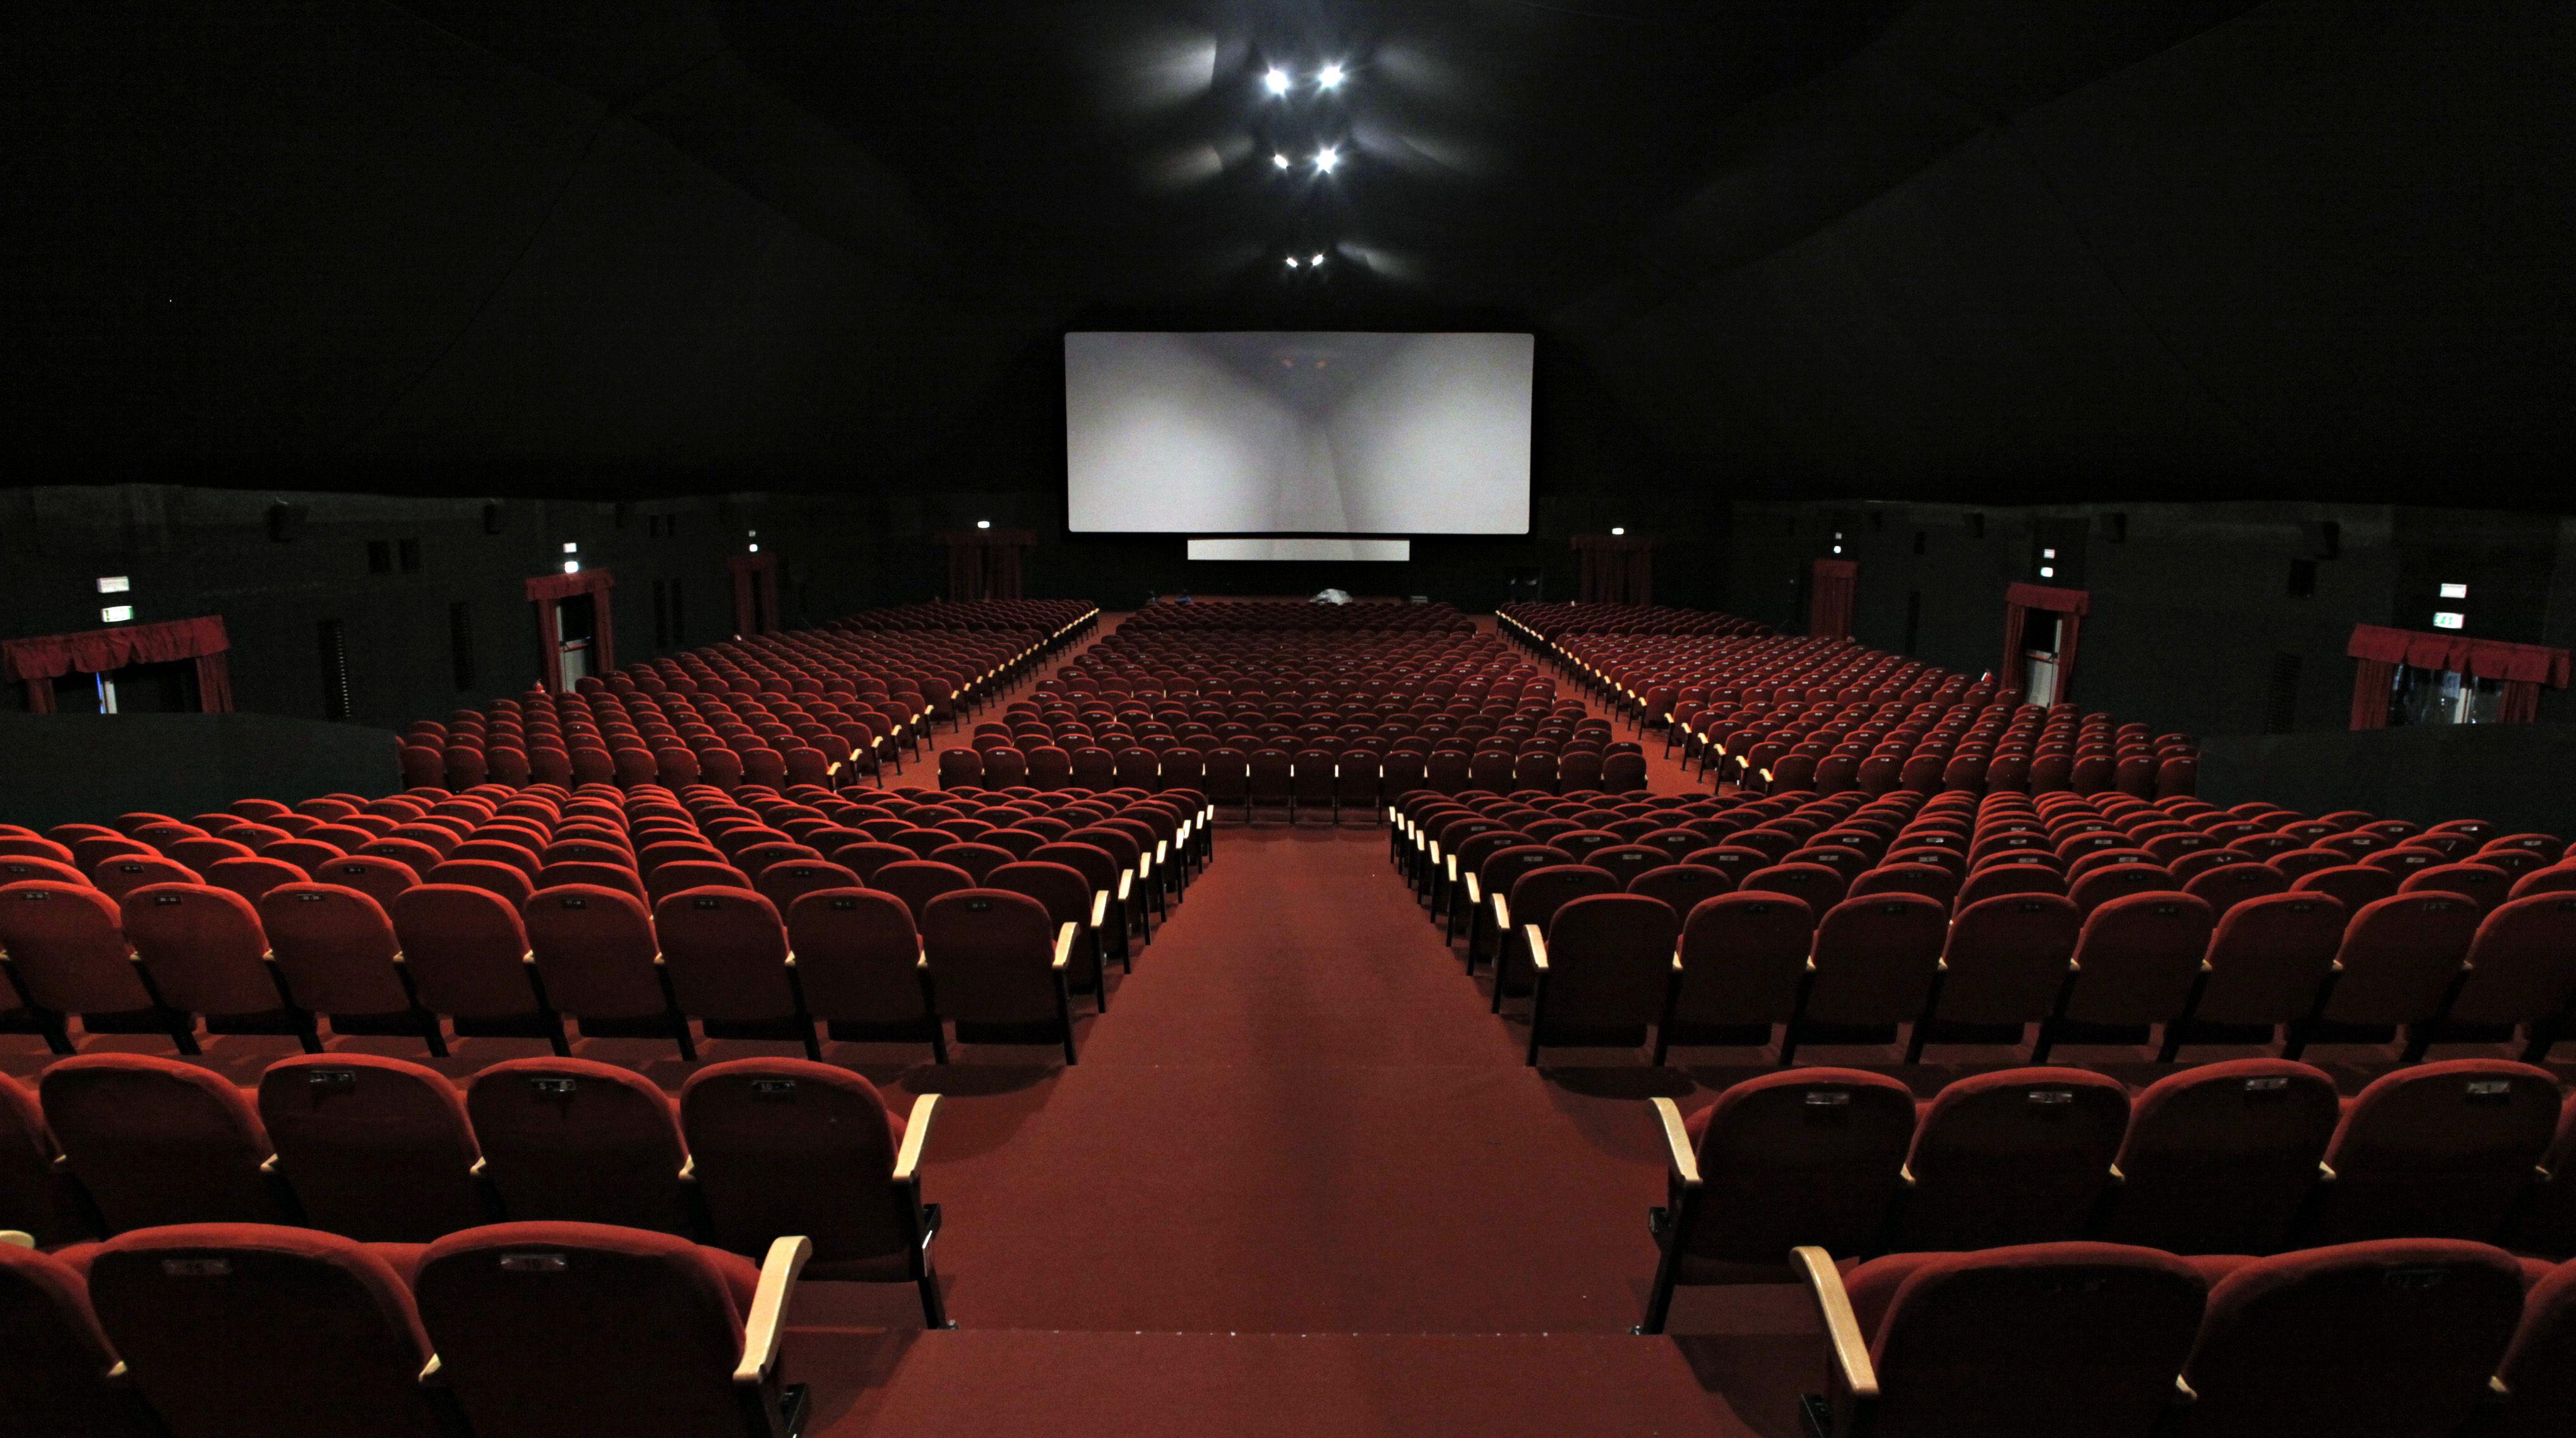 Com coronavírus, cinemas italianos só podem operar com até 30% da lotação